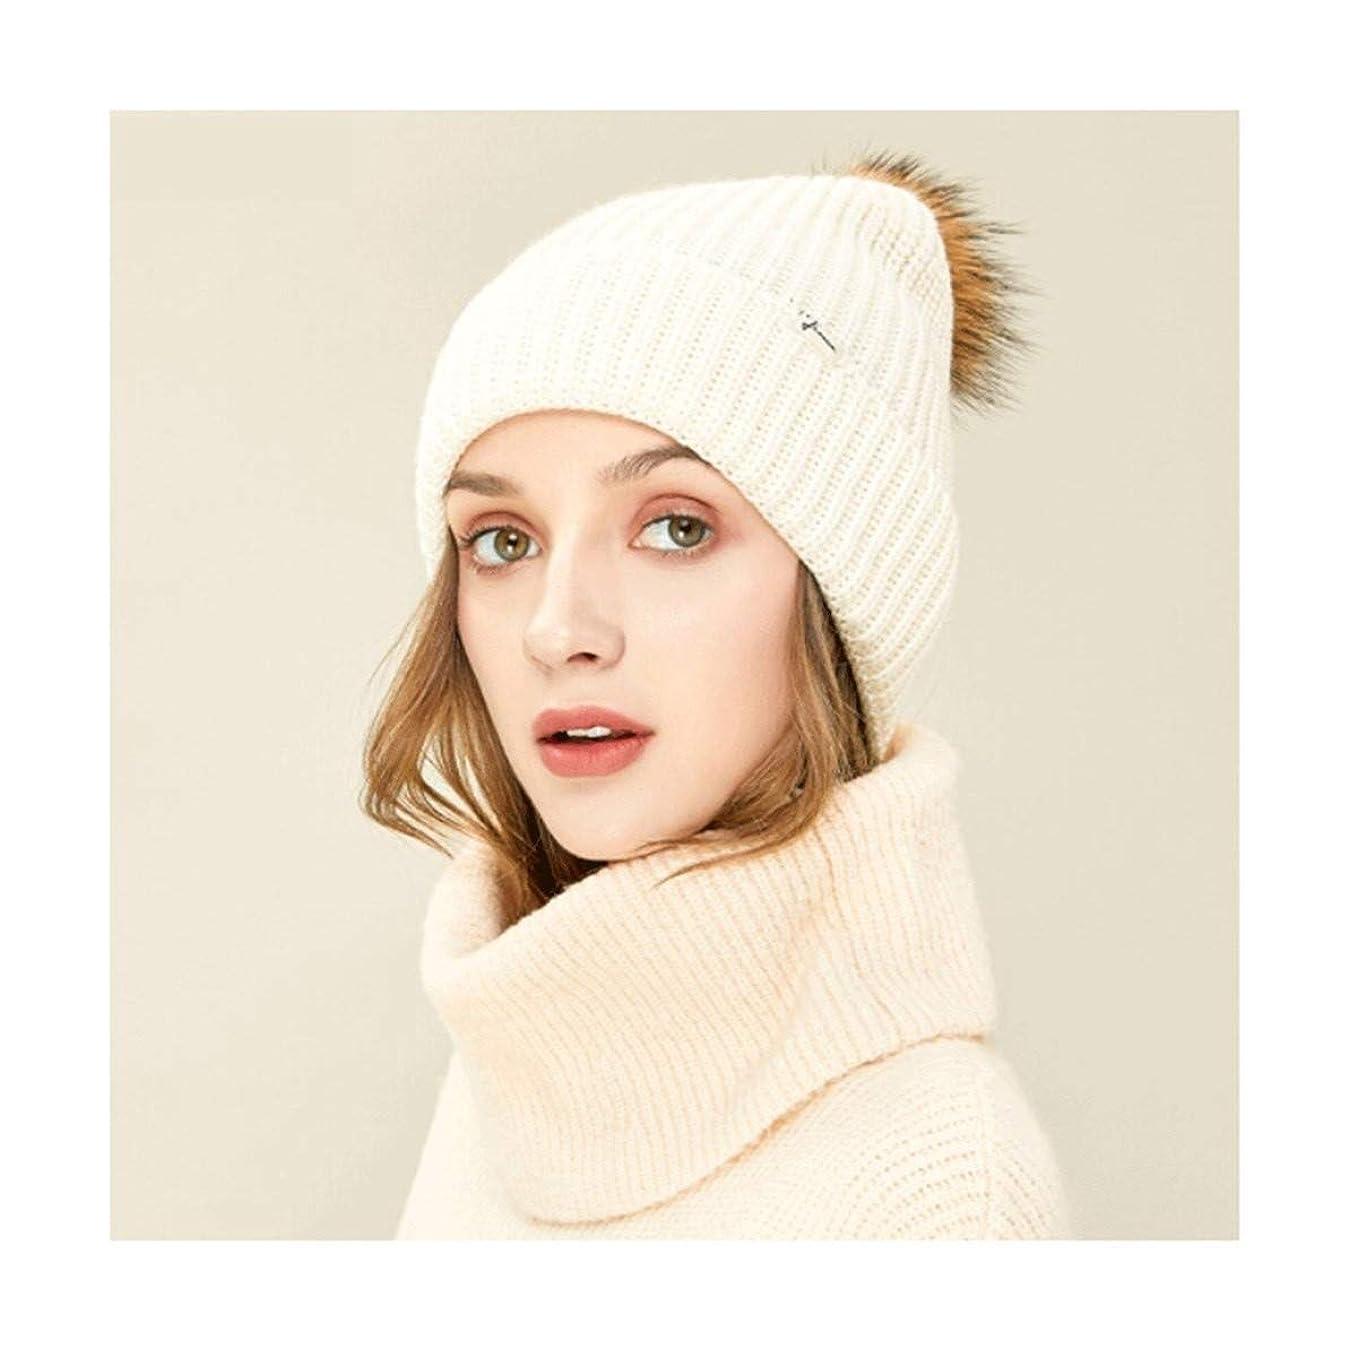 ファンタジー反発するシャイニングKYK ハット、レディース秋と冬の防風イヤーマフ/暖かい帽子/ニット帽子(4色オプション) (Color : Beige)